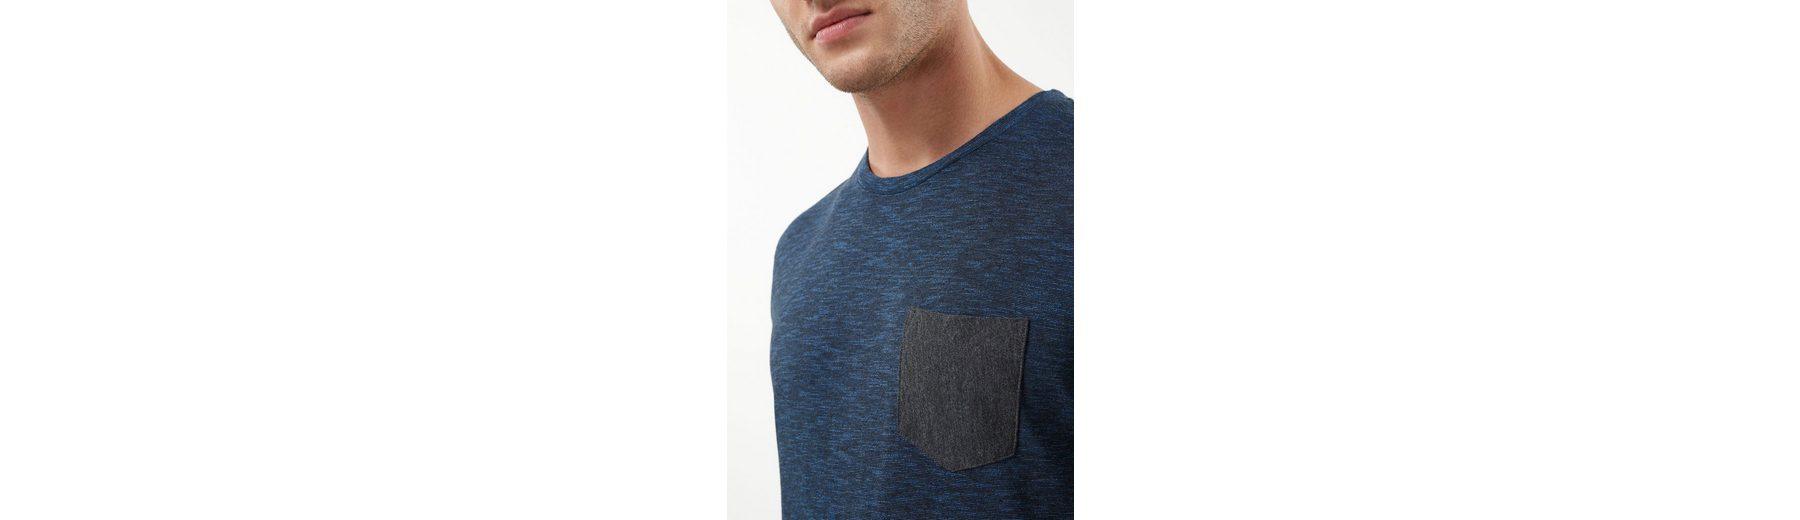 Gemütlich Next T-Shirt mit farblich abgesetzter Brusttasche Erkunden Günstigen Preis Freies Verschiffen Zahlen Mit Paypal PE5YX50L